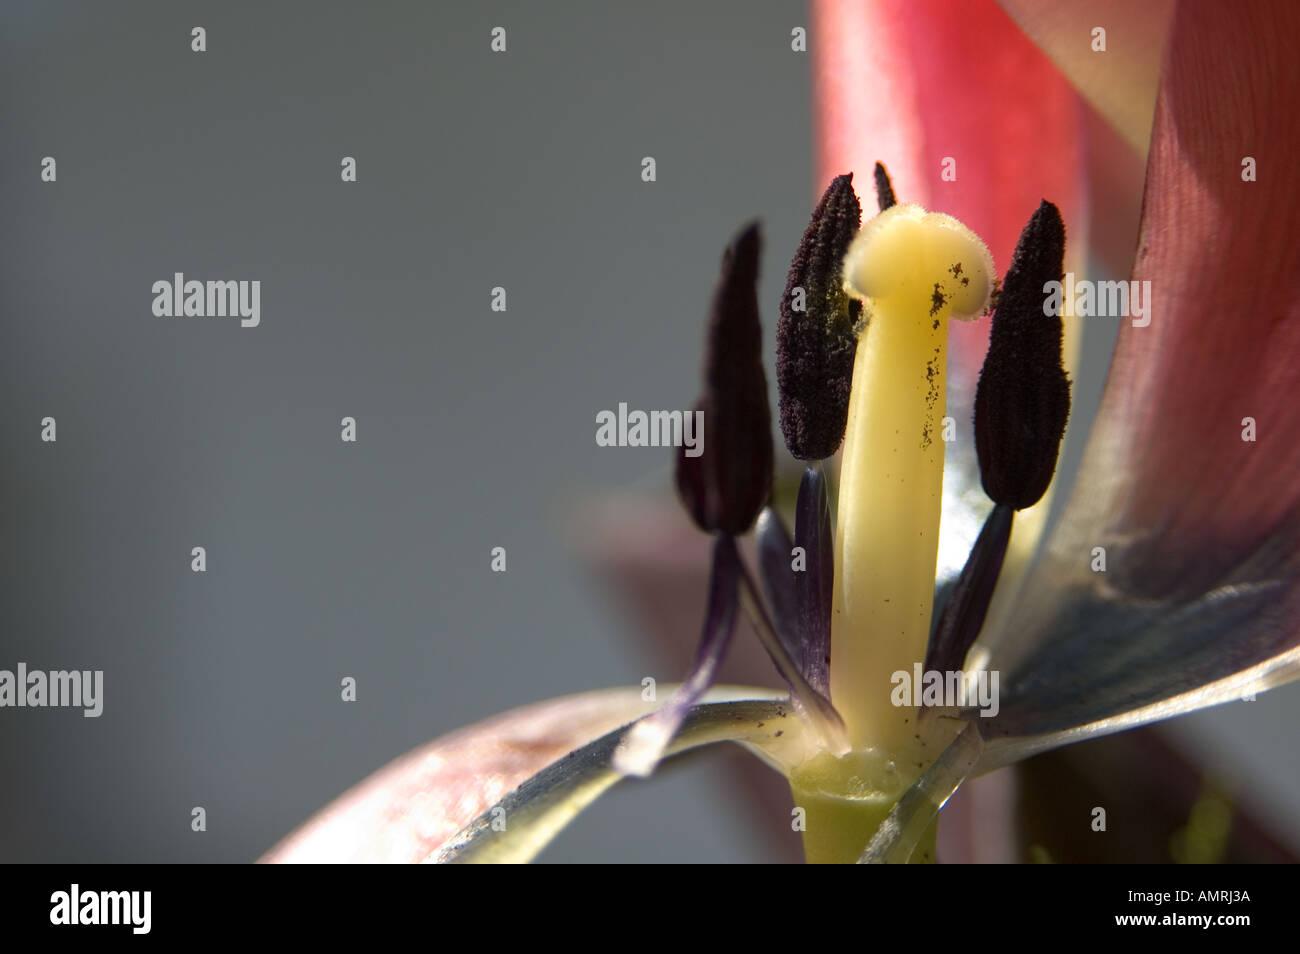 Stempel Fruchtblatt einer Tulpenblüte mit Griffel Narbe und Staubblatt Staubbeutel carpel pistil of a tulip with style stigma - Stock Image